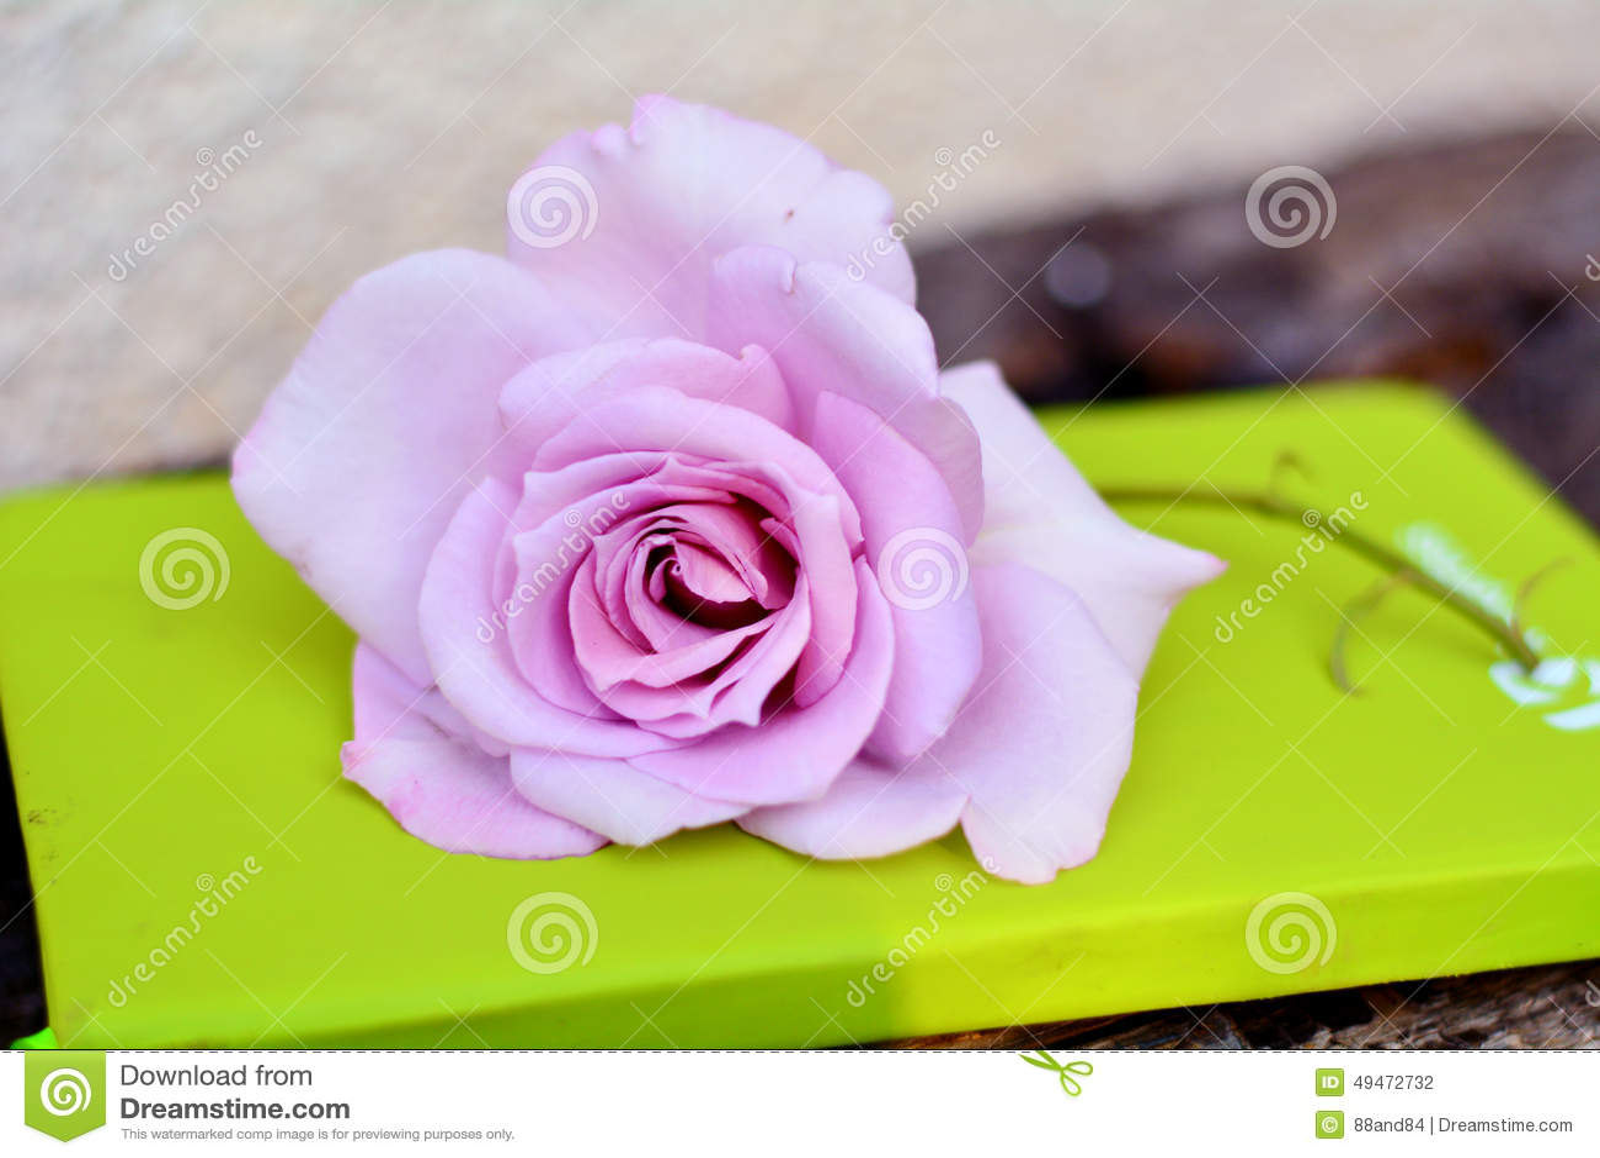 Rosa färgros på en grön anteckningsbok